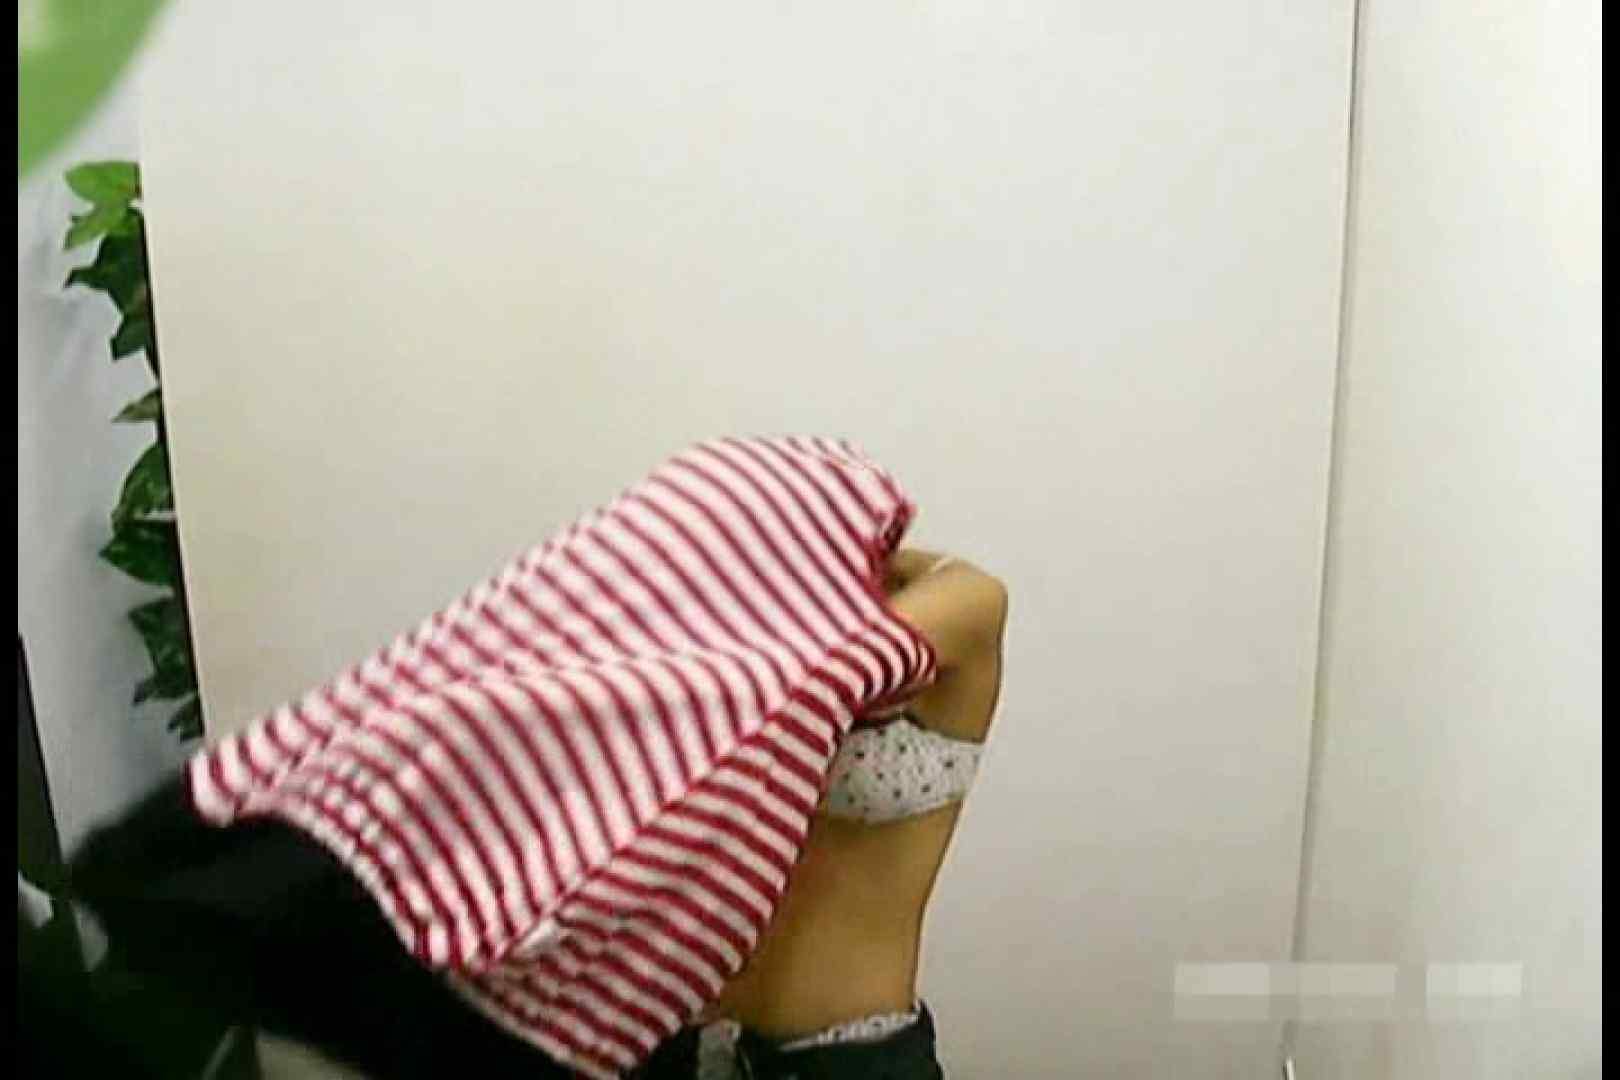 素人撮影 下着だけの撮影のはずが・・・エミちゃん18歳 丸見え AV動画キャプチャ 107pic 7